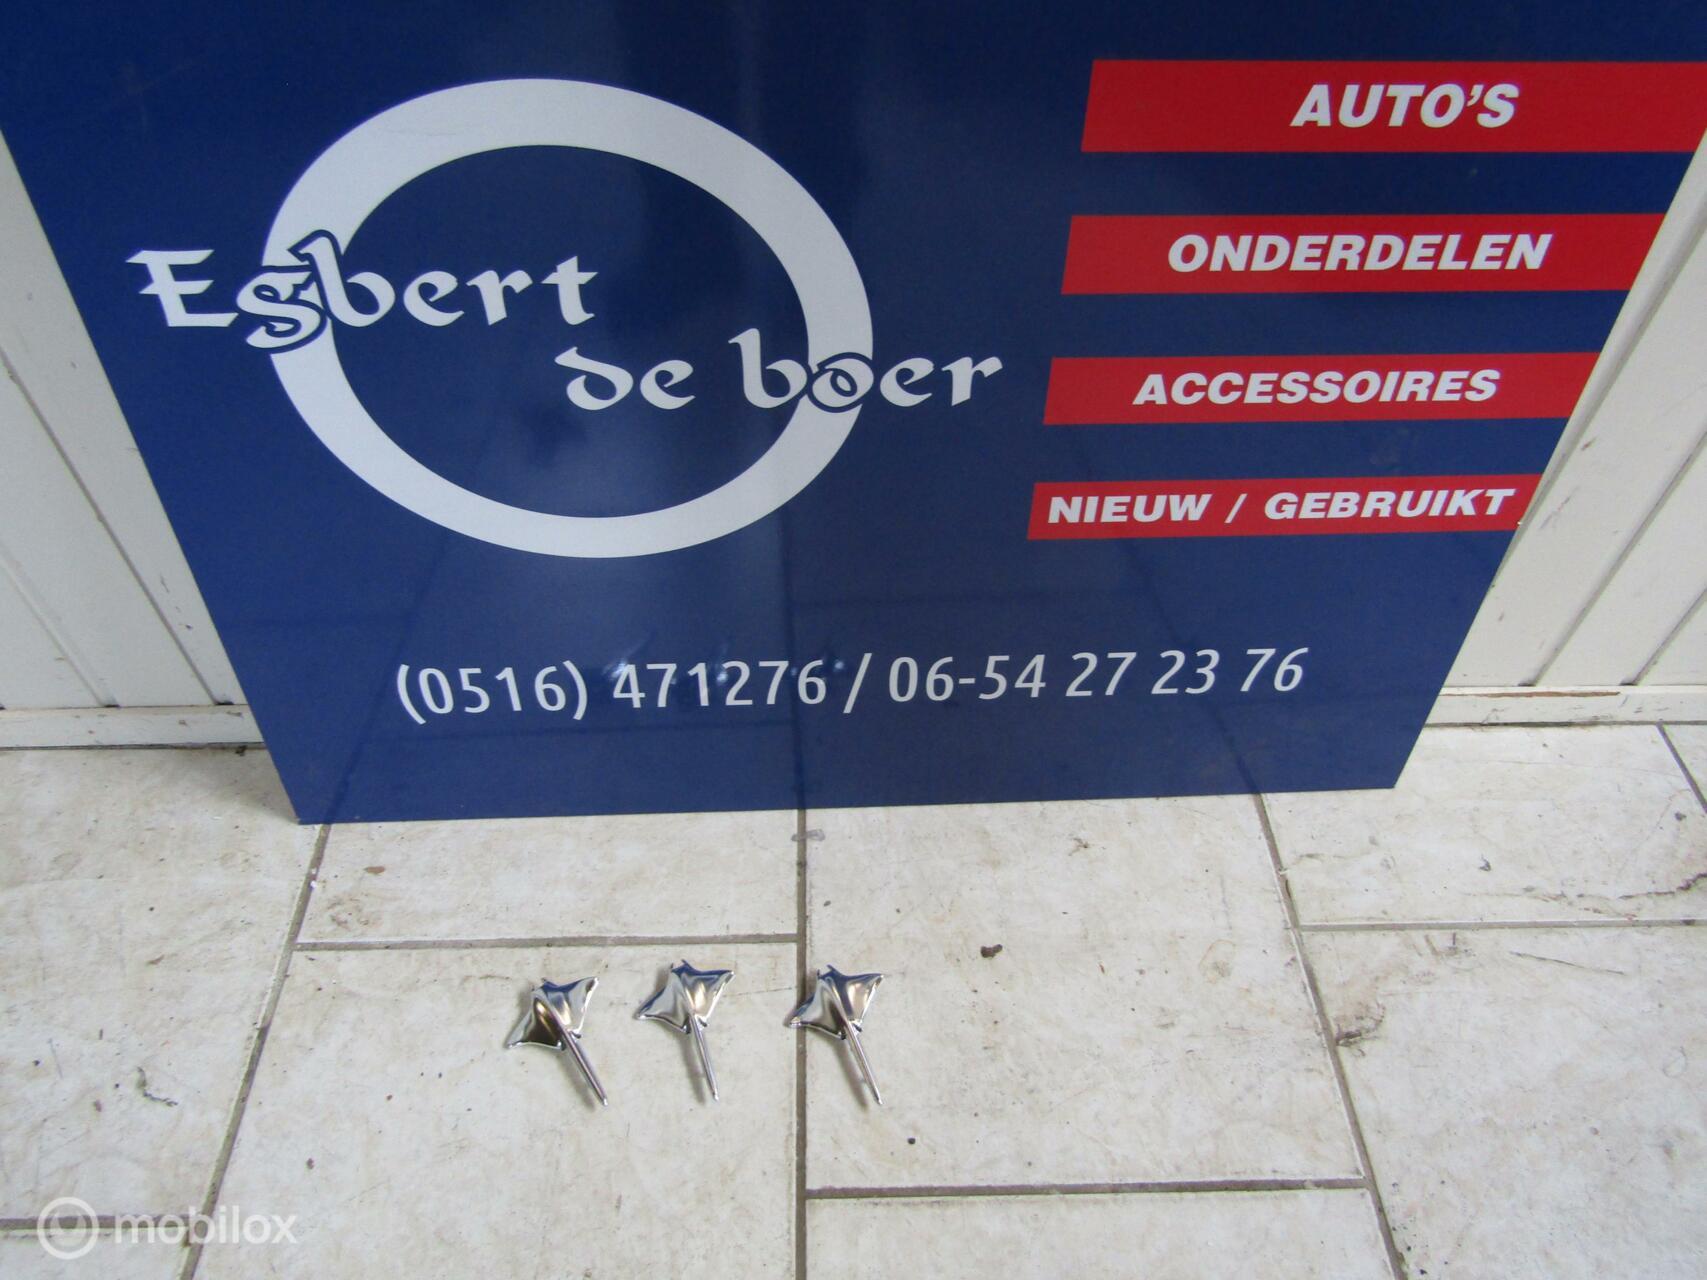 Manta  rog origineel Opel bj '70 t/m '90